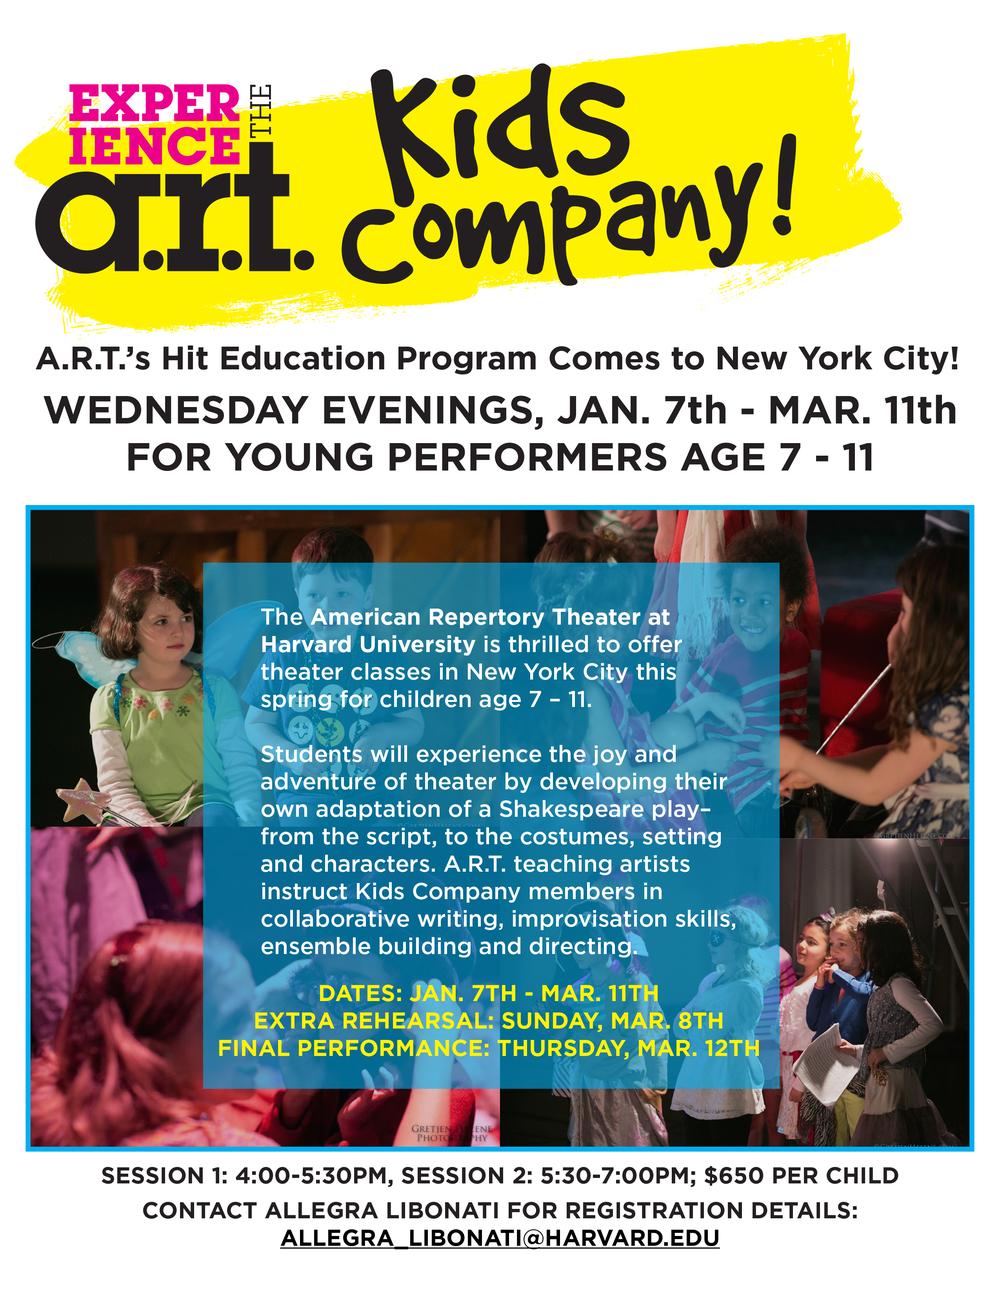 Kids+Company+NYC+(1).jpg